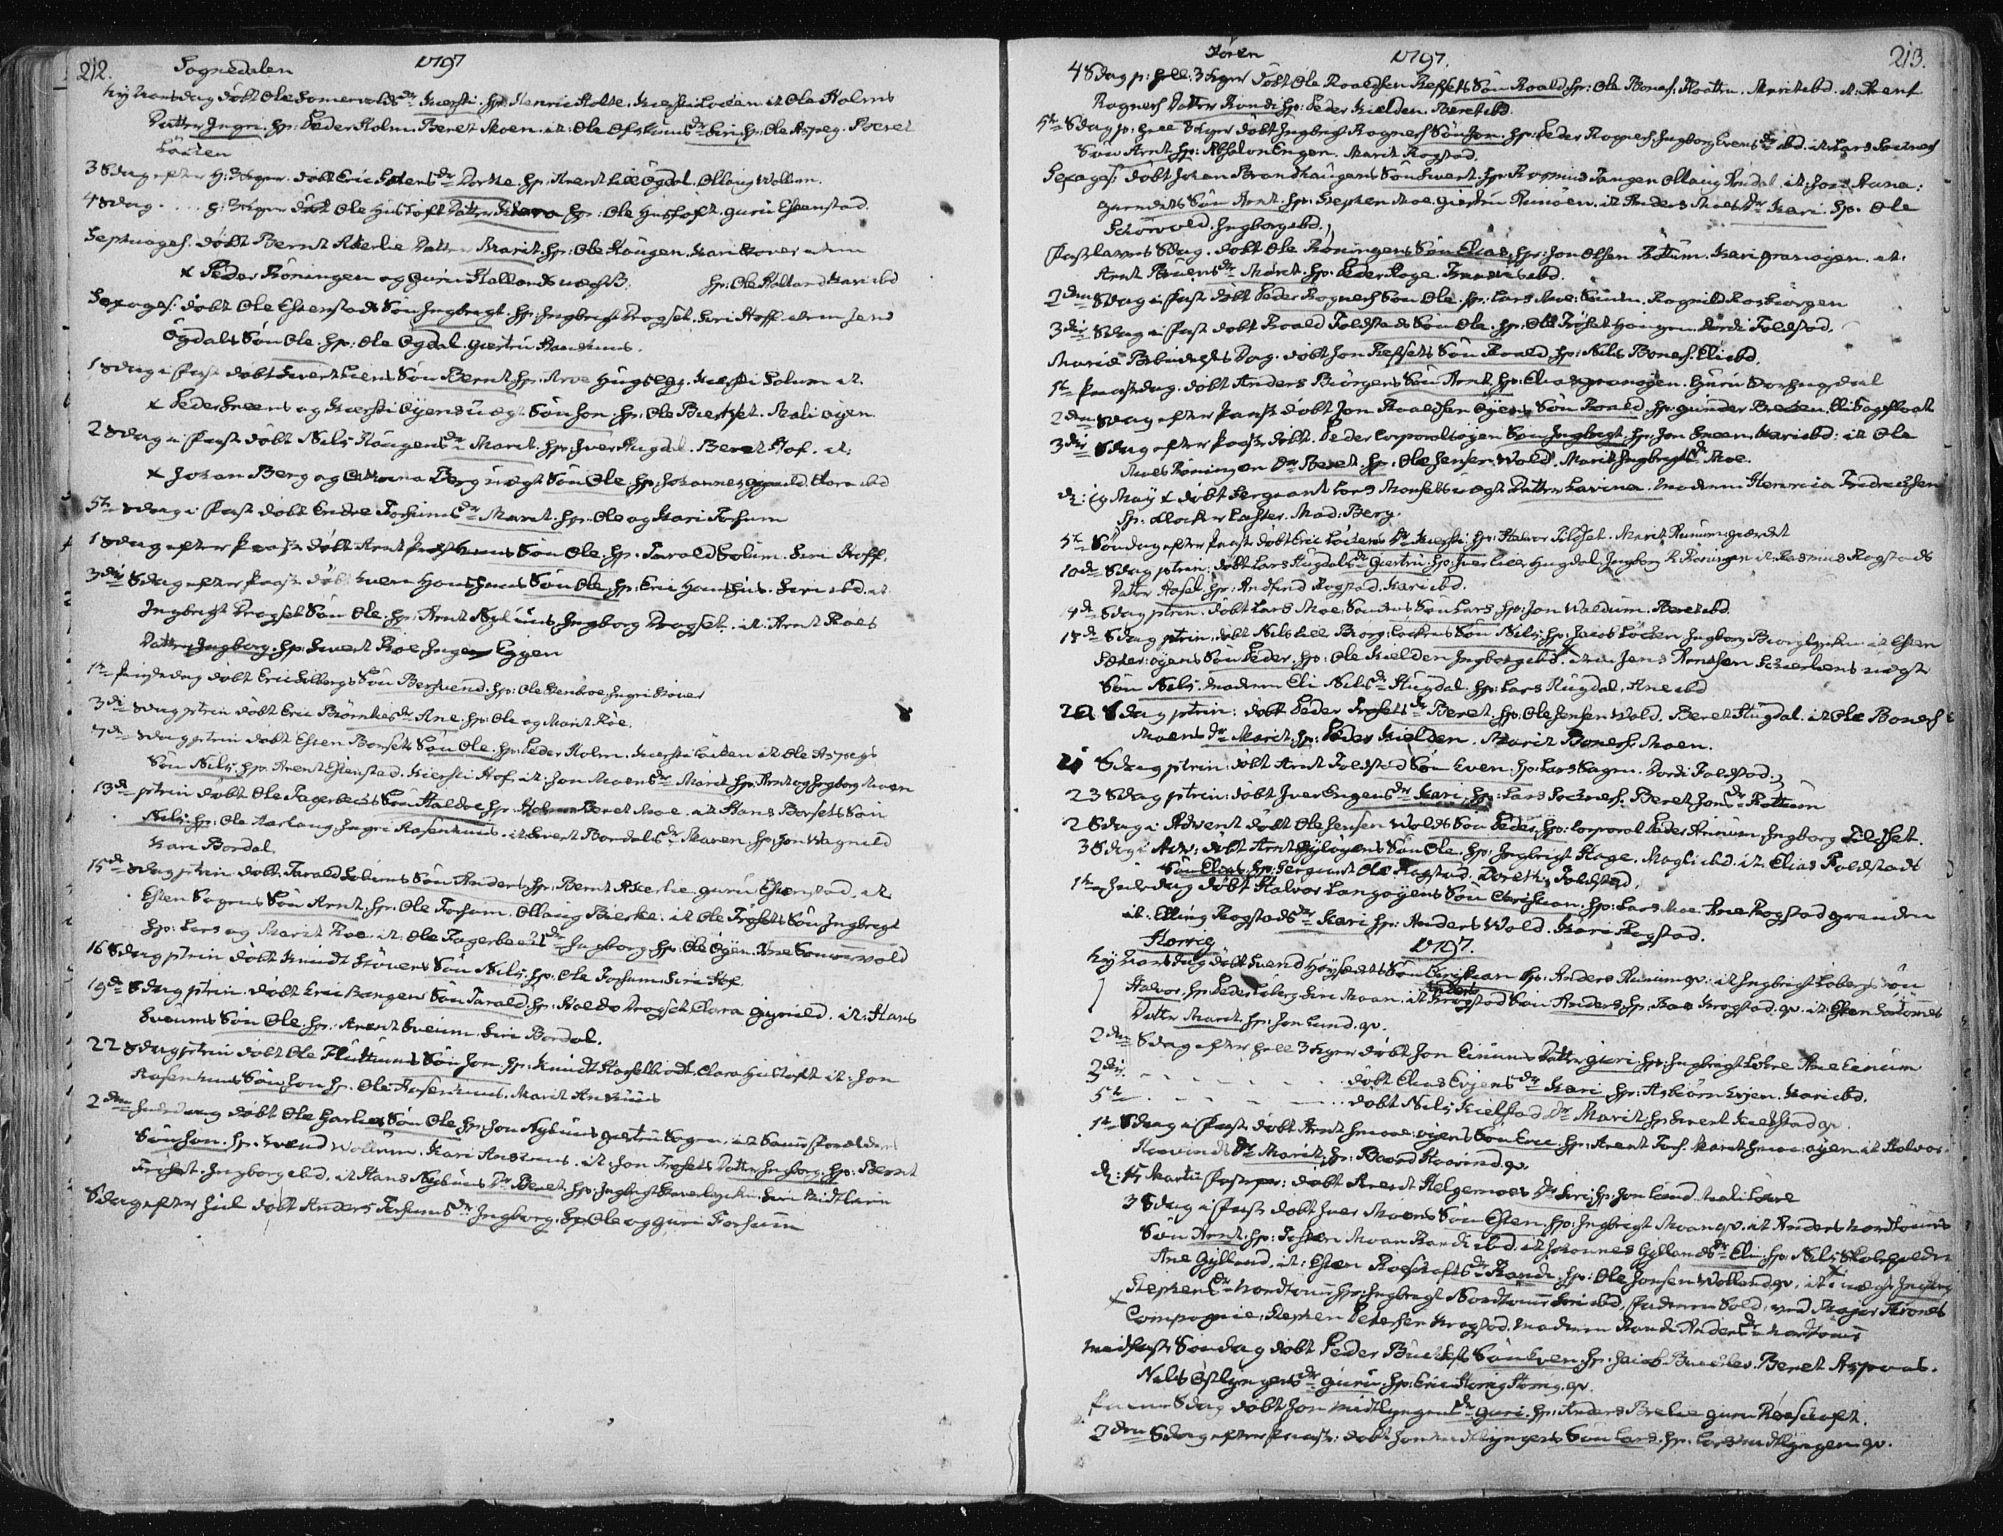 SAT, Ministerialprotokoller, klokkerbøker og fødselsregistre - Sør-Trøndelag, 687/L0992: Ministerialbok nr. 687A03 /1, 1788-1815, s. 212-213